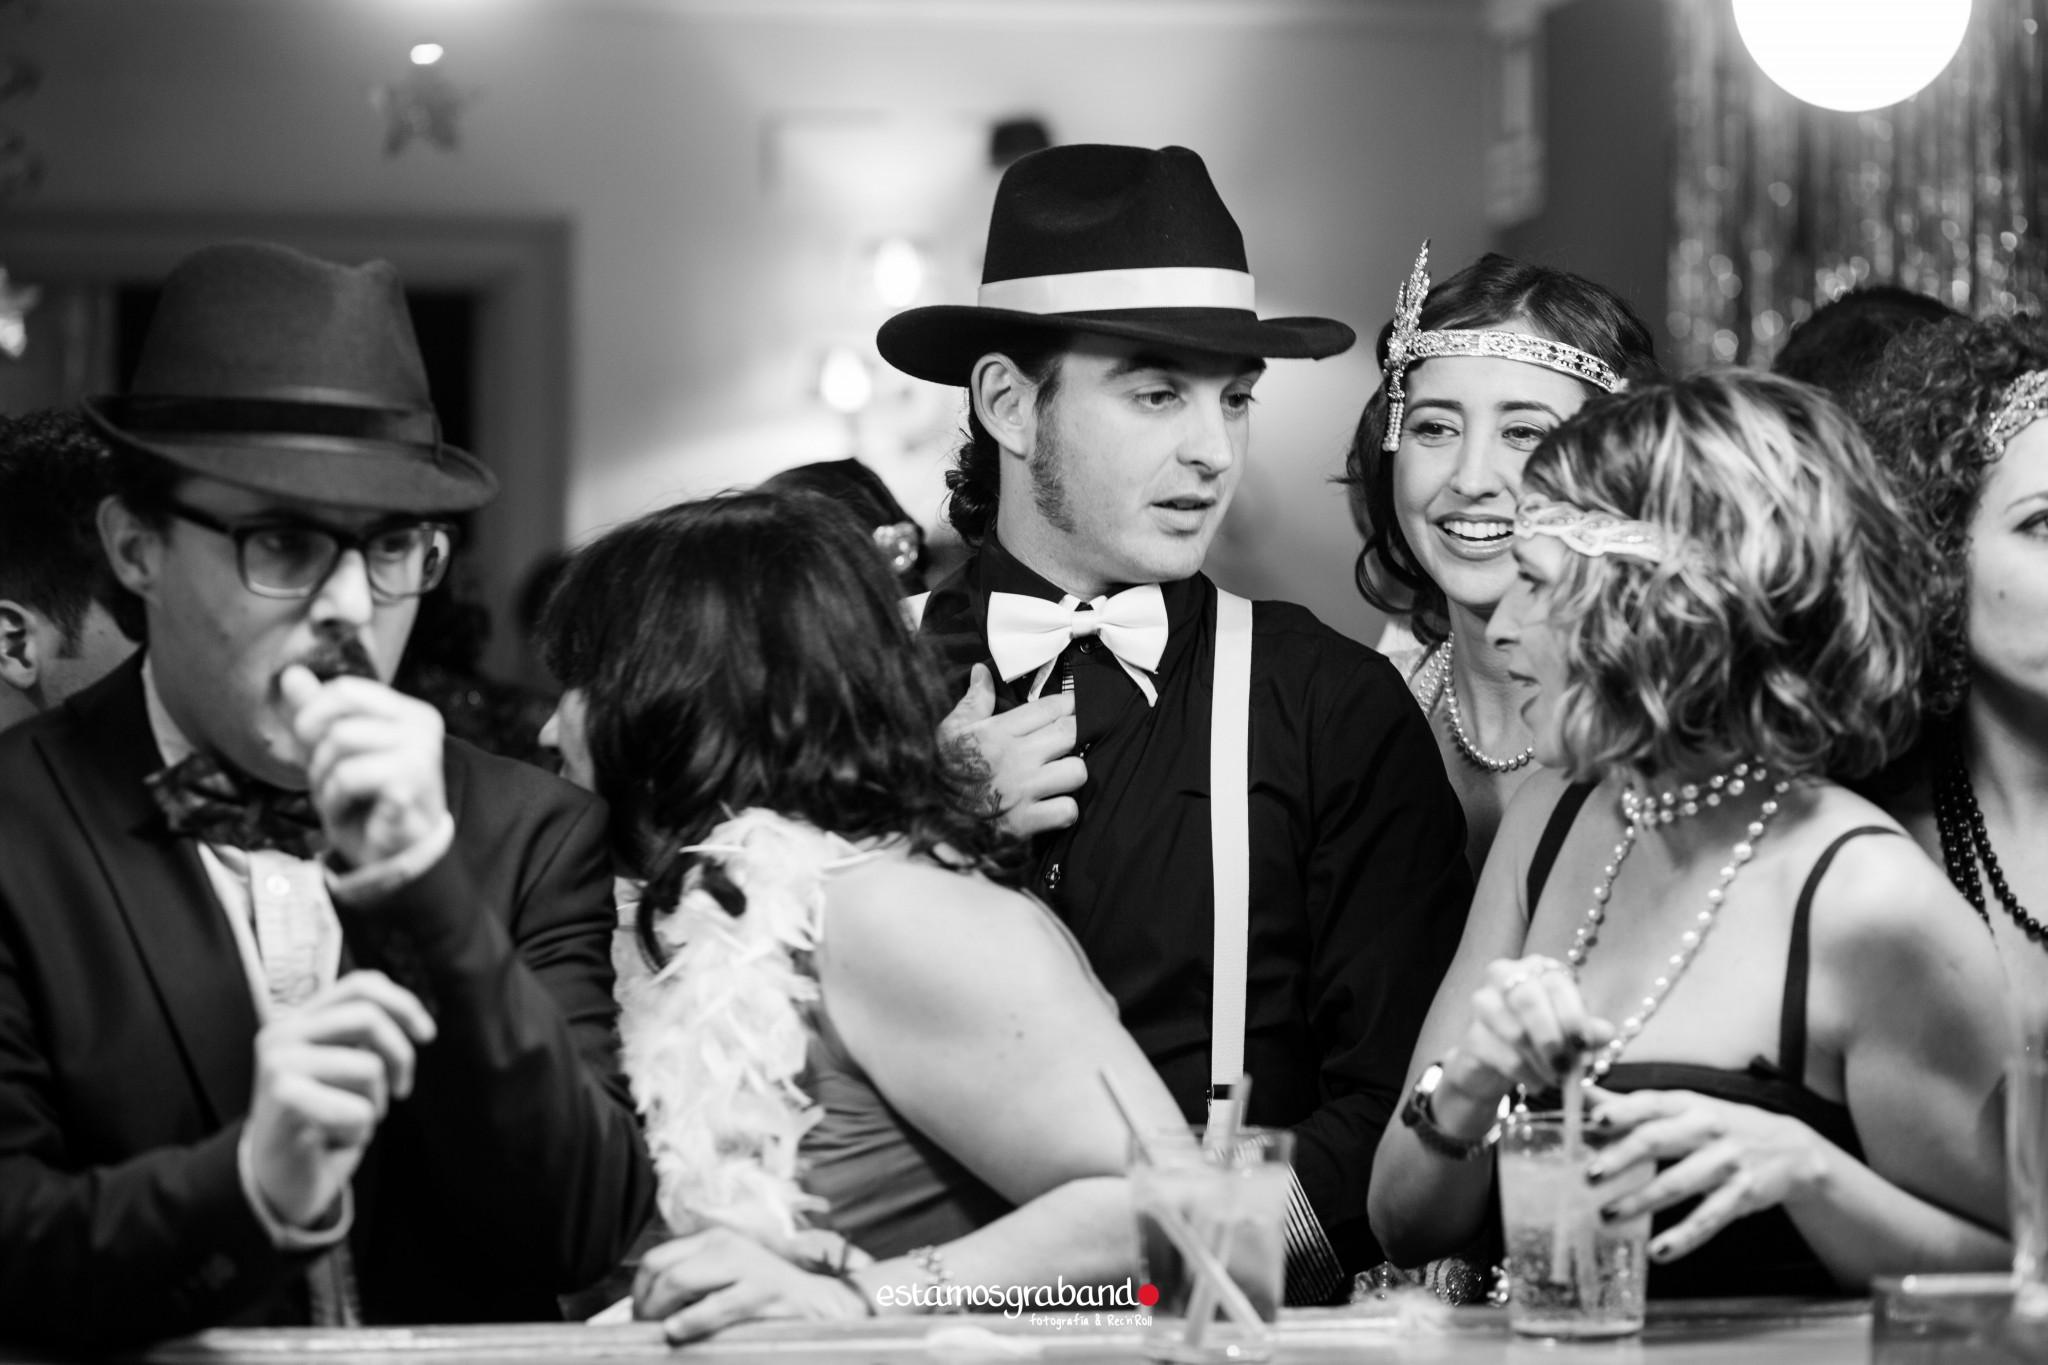 Años-20-BBTP-61-de-109 Los locos Años 20 [Fotografía en La Teta de Julieta, Cádiz] - video boda cadiz